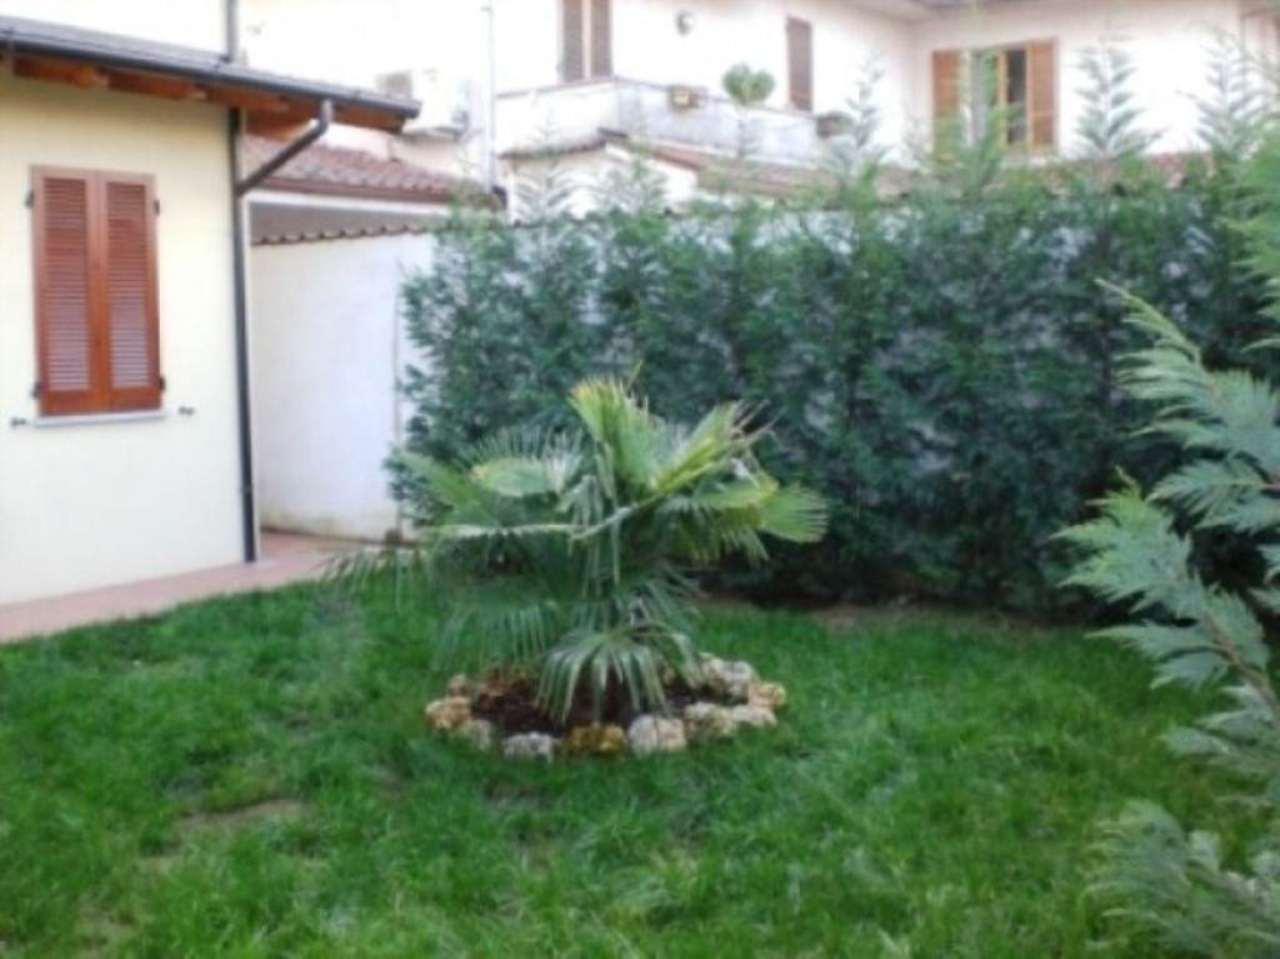 Villa in vendita a Garlasco, 3 locali, prezzo € 95.000 | Cambio Casa.it